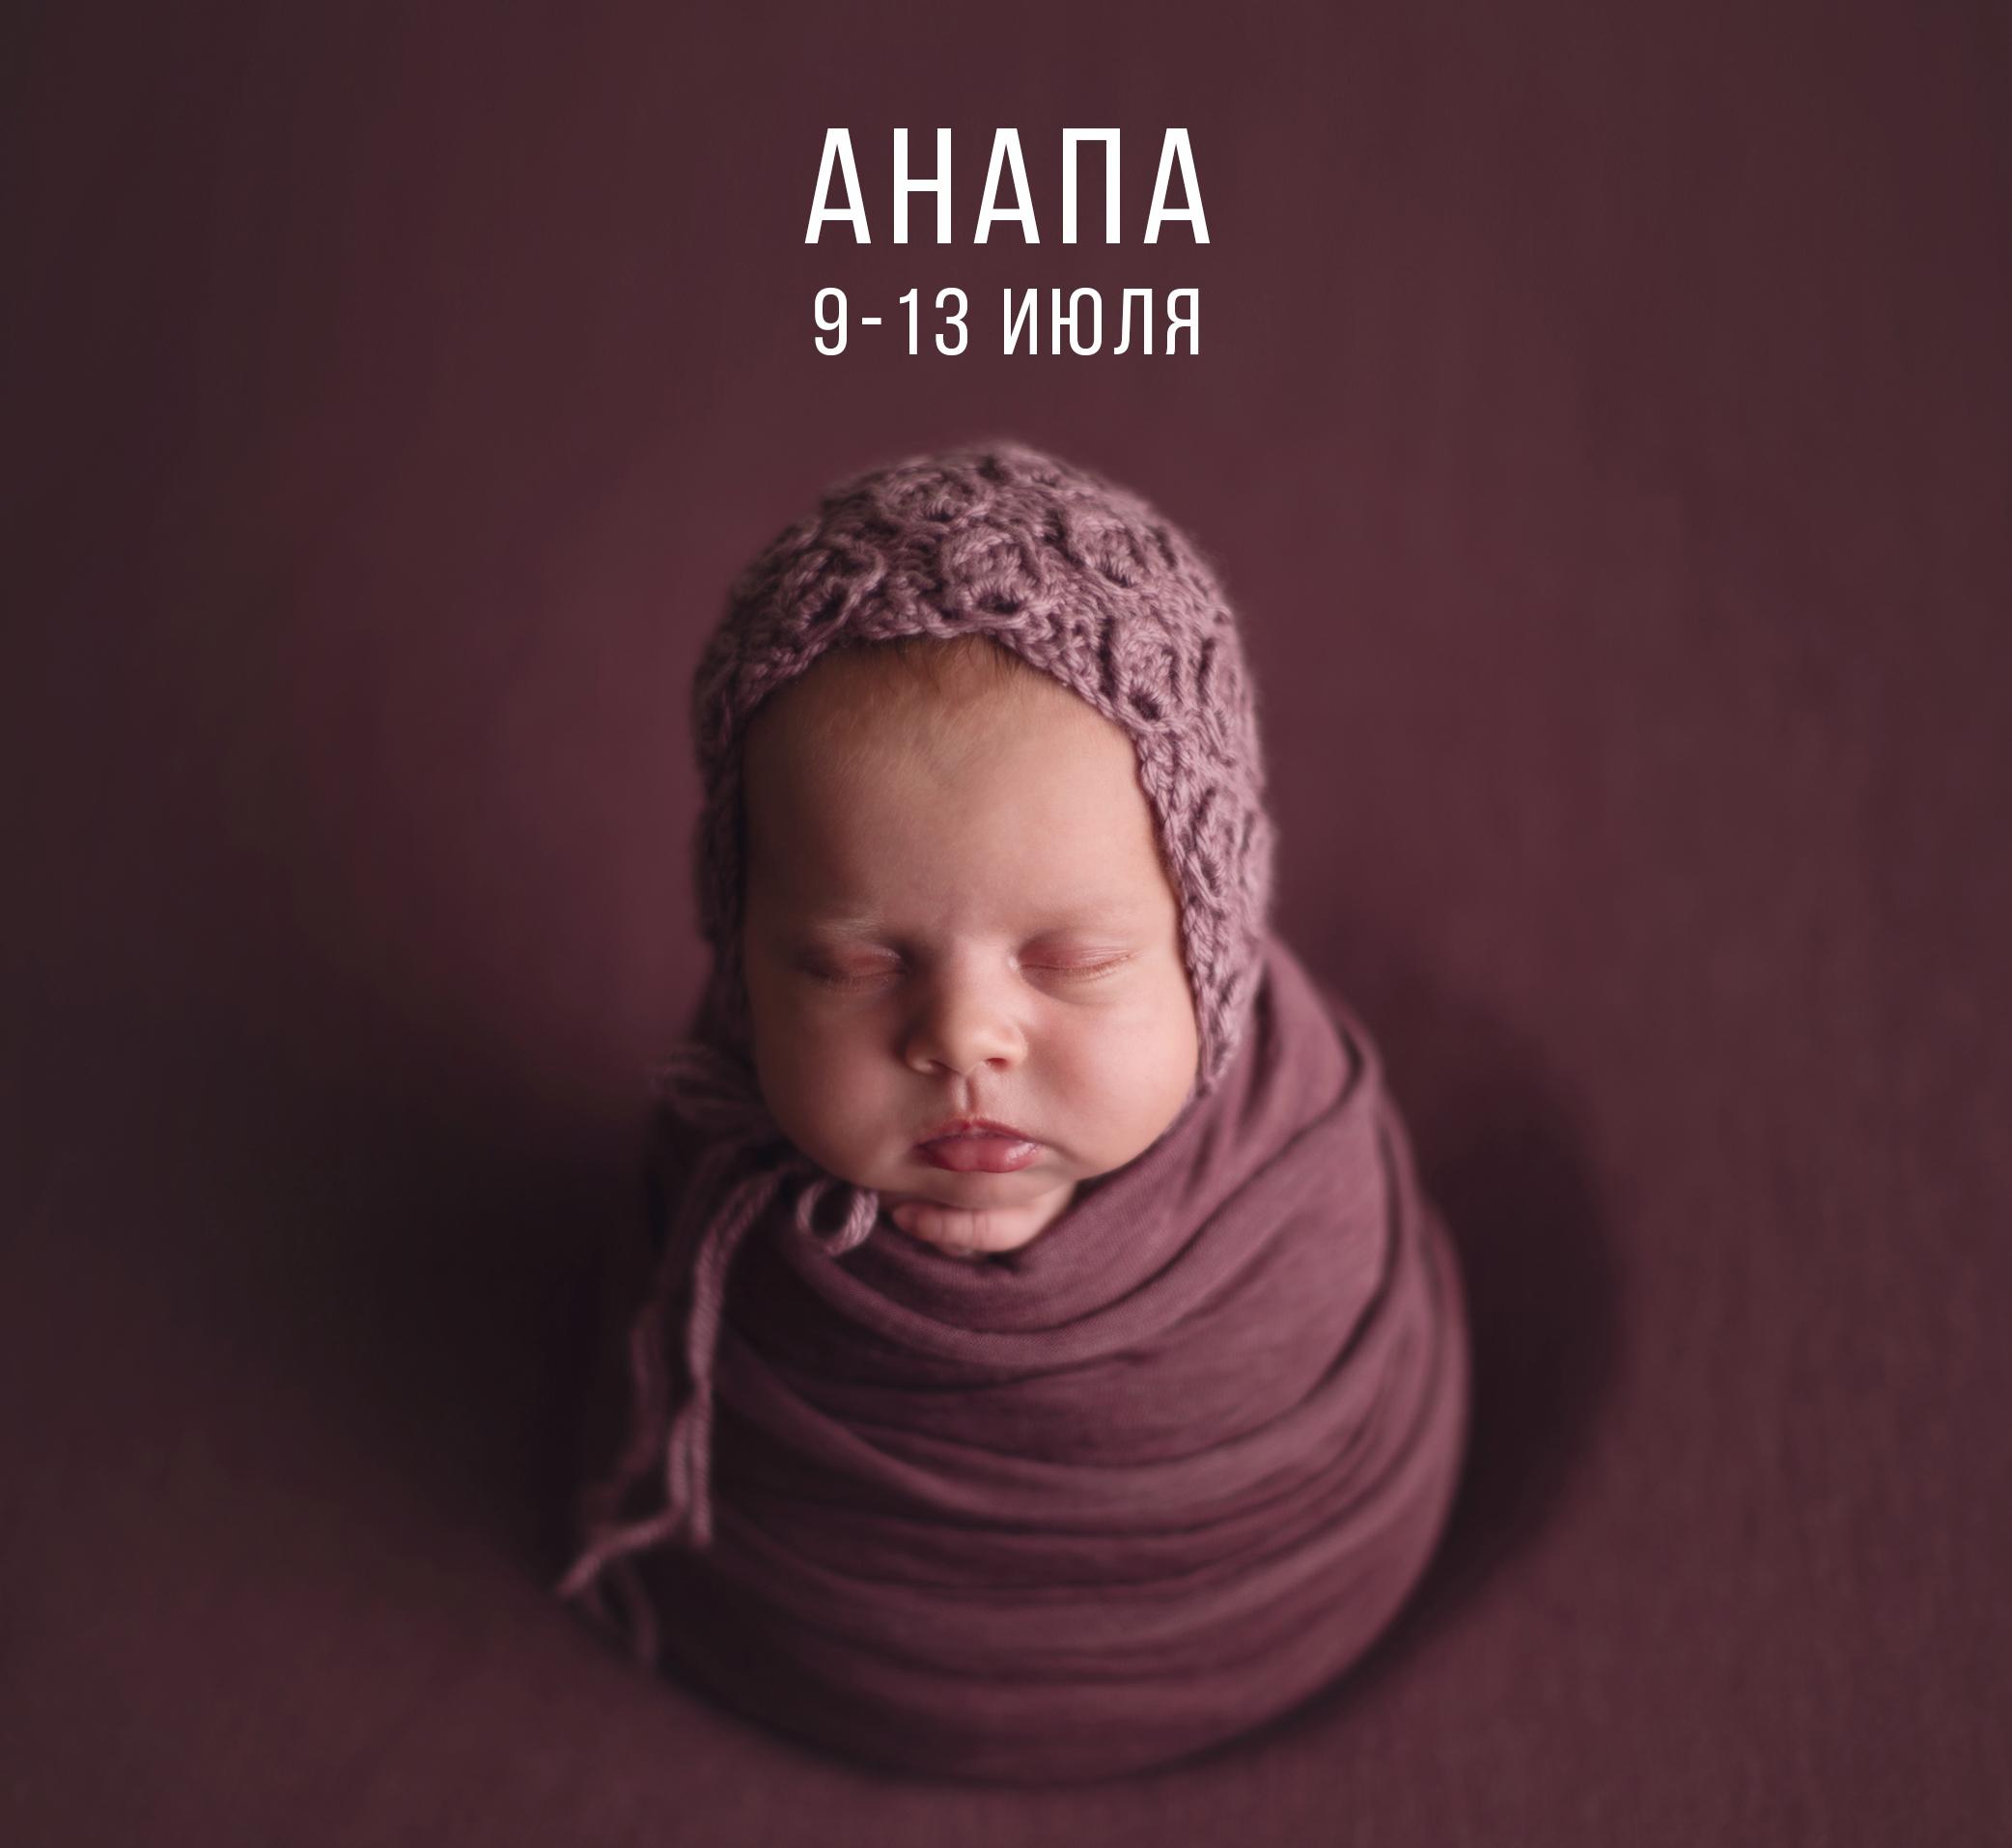 Мастер-класс по съемке новорожденных малышей Анапа 9-13 июля